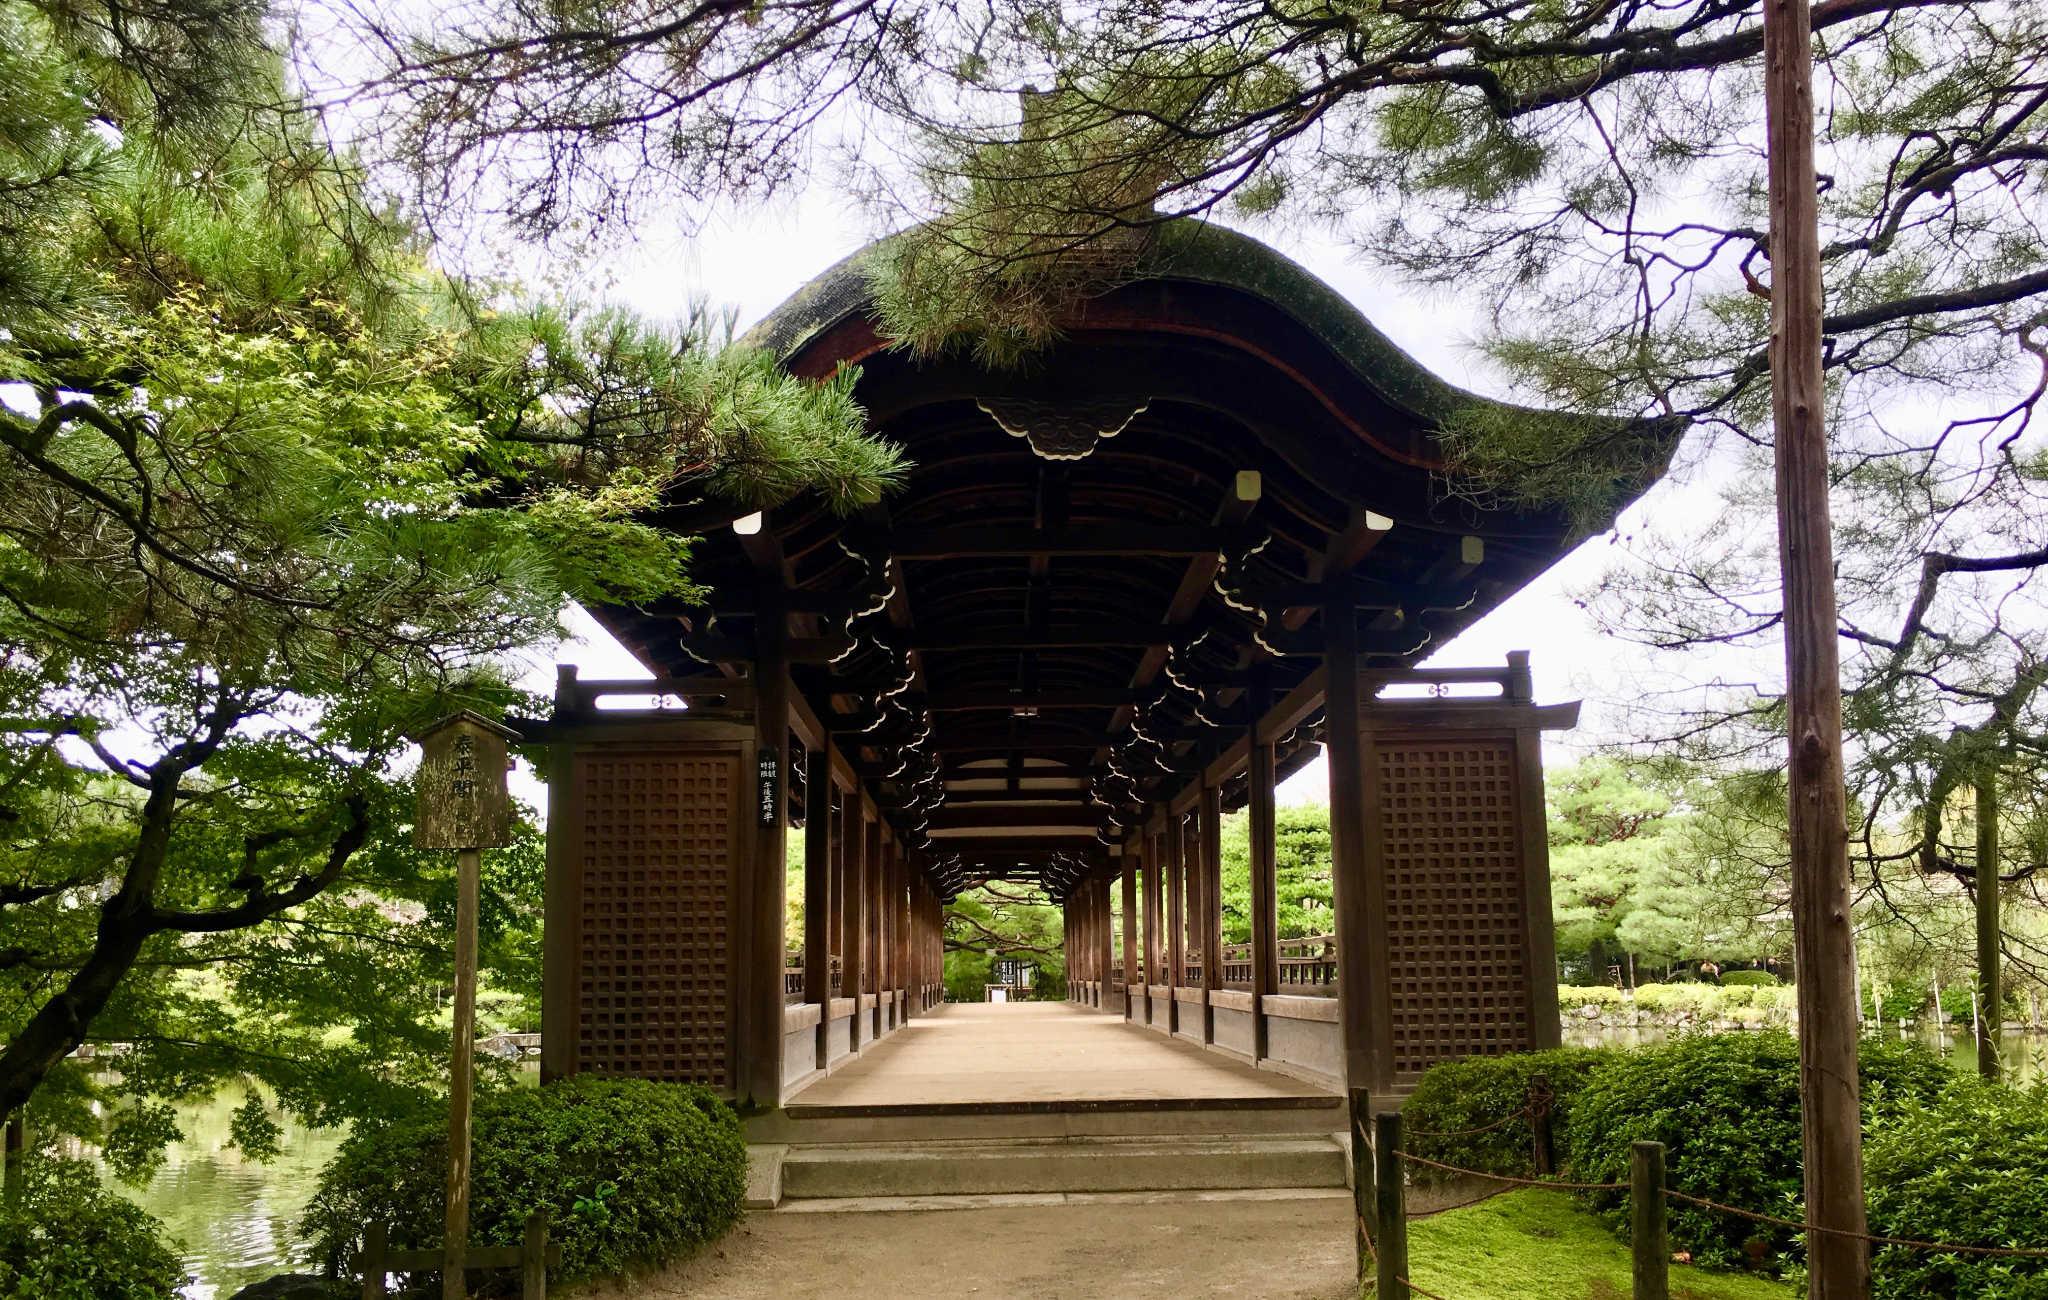 L'entrée du pont et son incroyable perspective